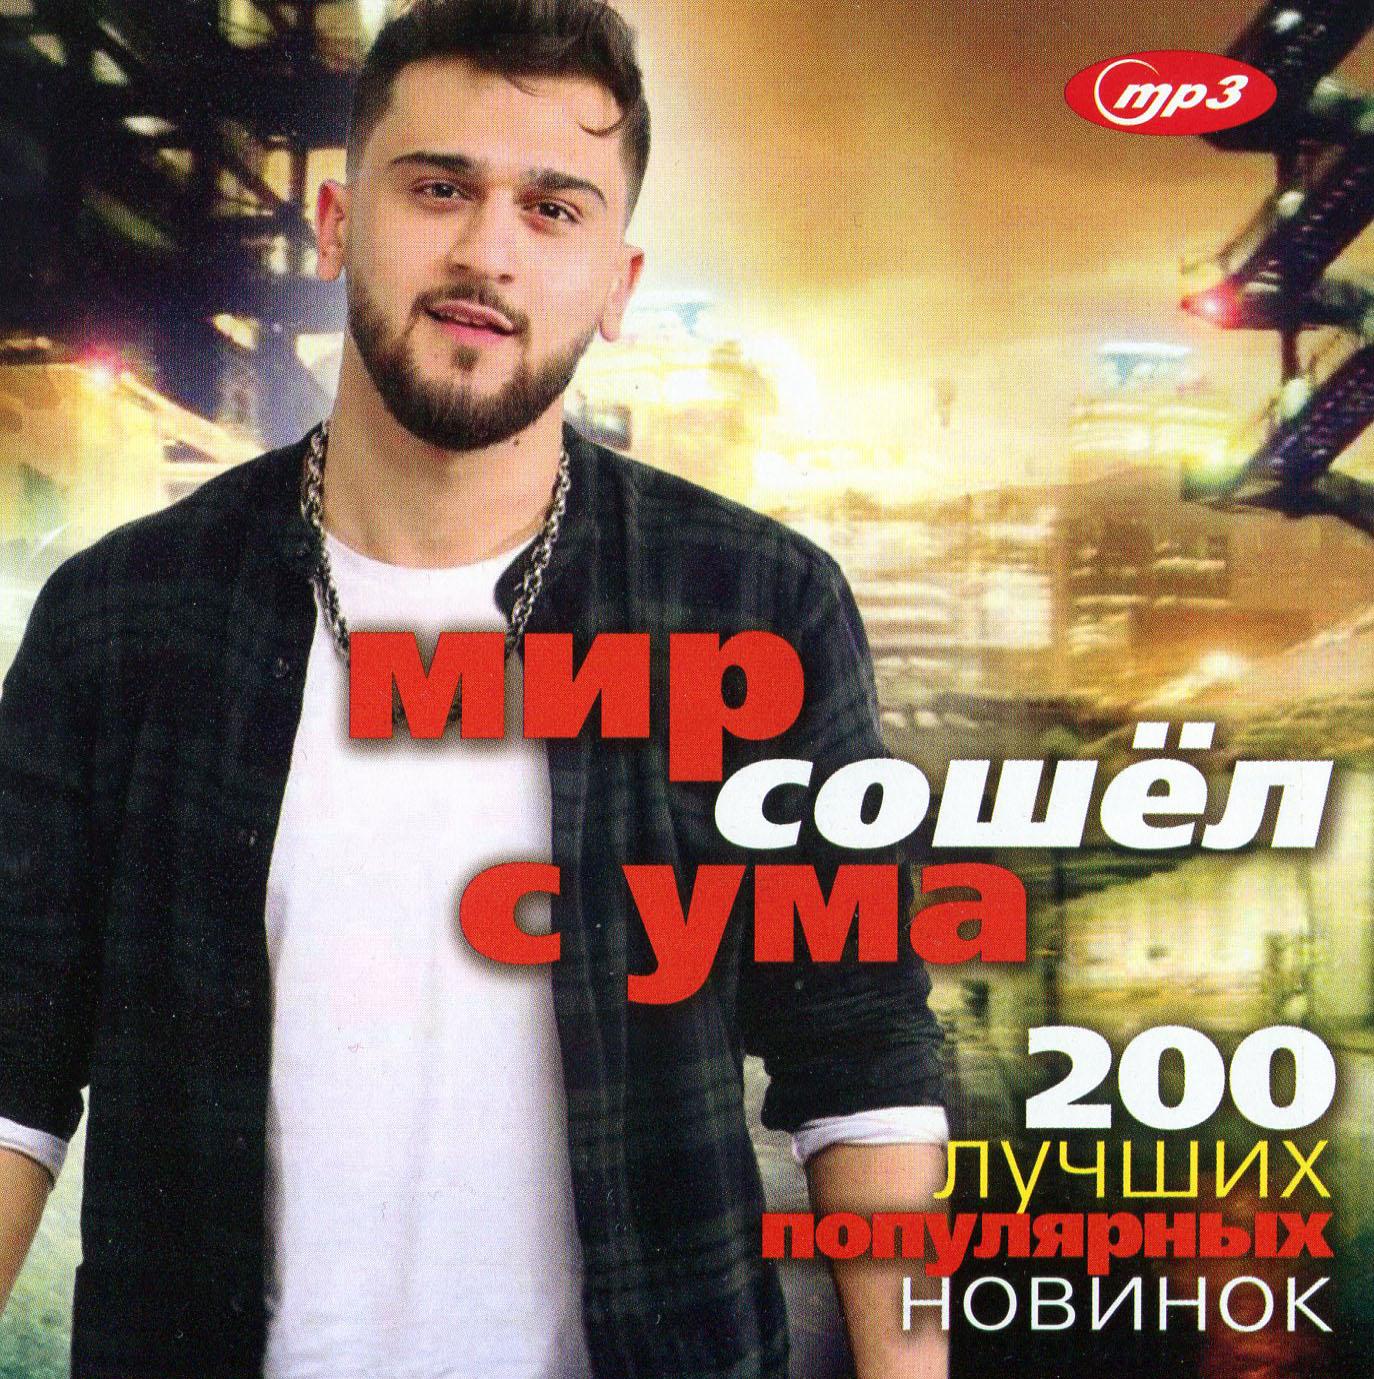 МИР СОШЁЛ С УМА - 200 лучших популярных новинок [mp3]